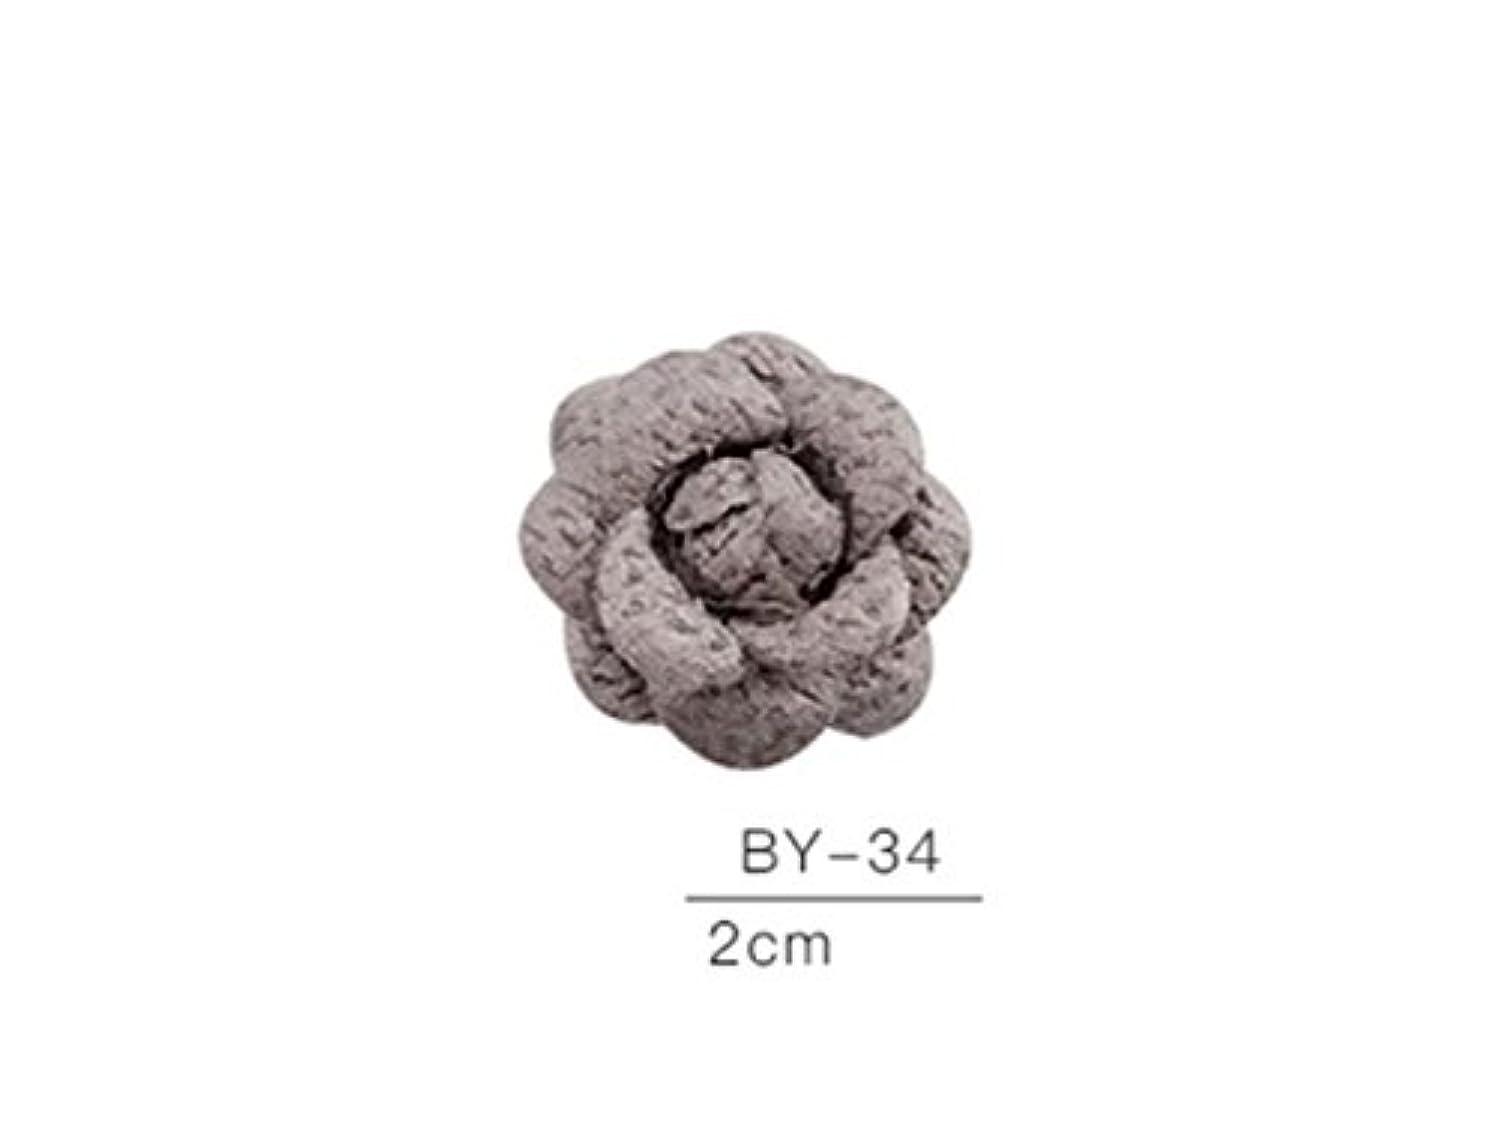 非難溢れんばかりの前提Osize カラフルネイルアート樹脂布カメリアネイルジュエリーファブリックネイルアートデコレーションネイルステッカー(グレー)